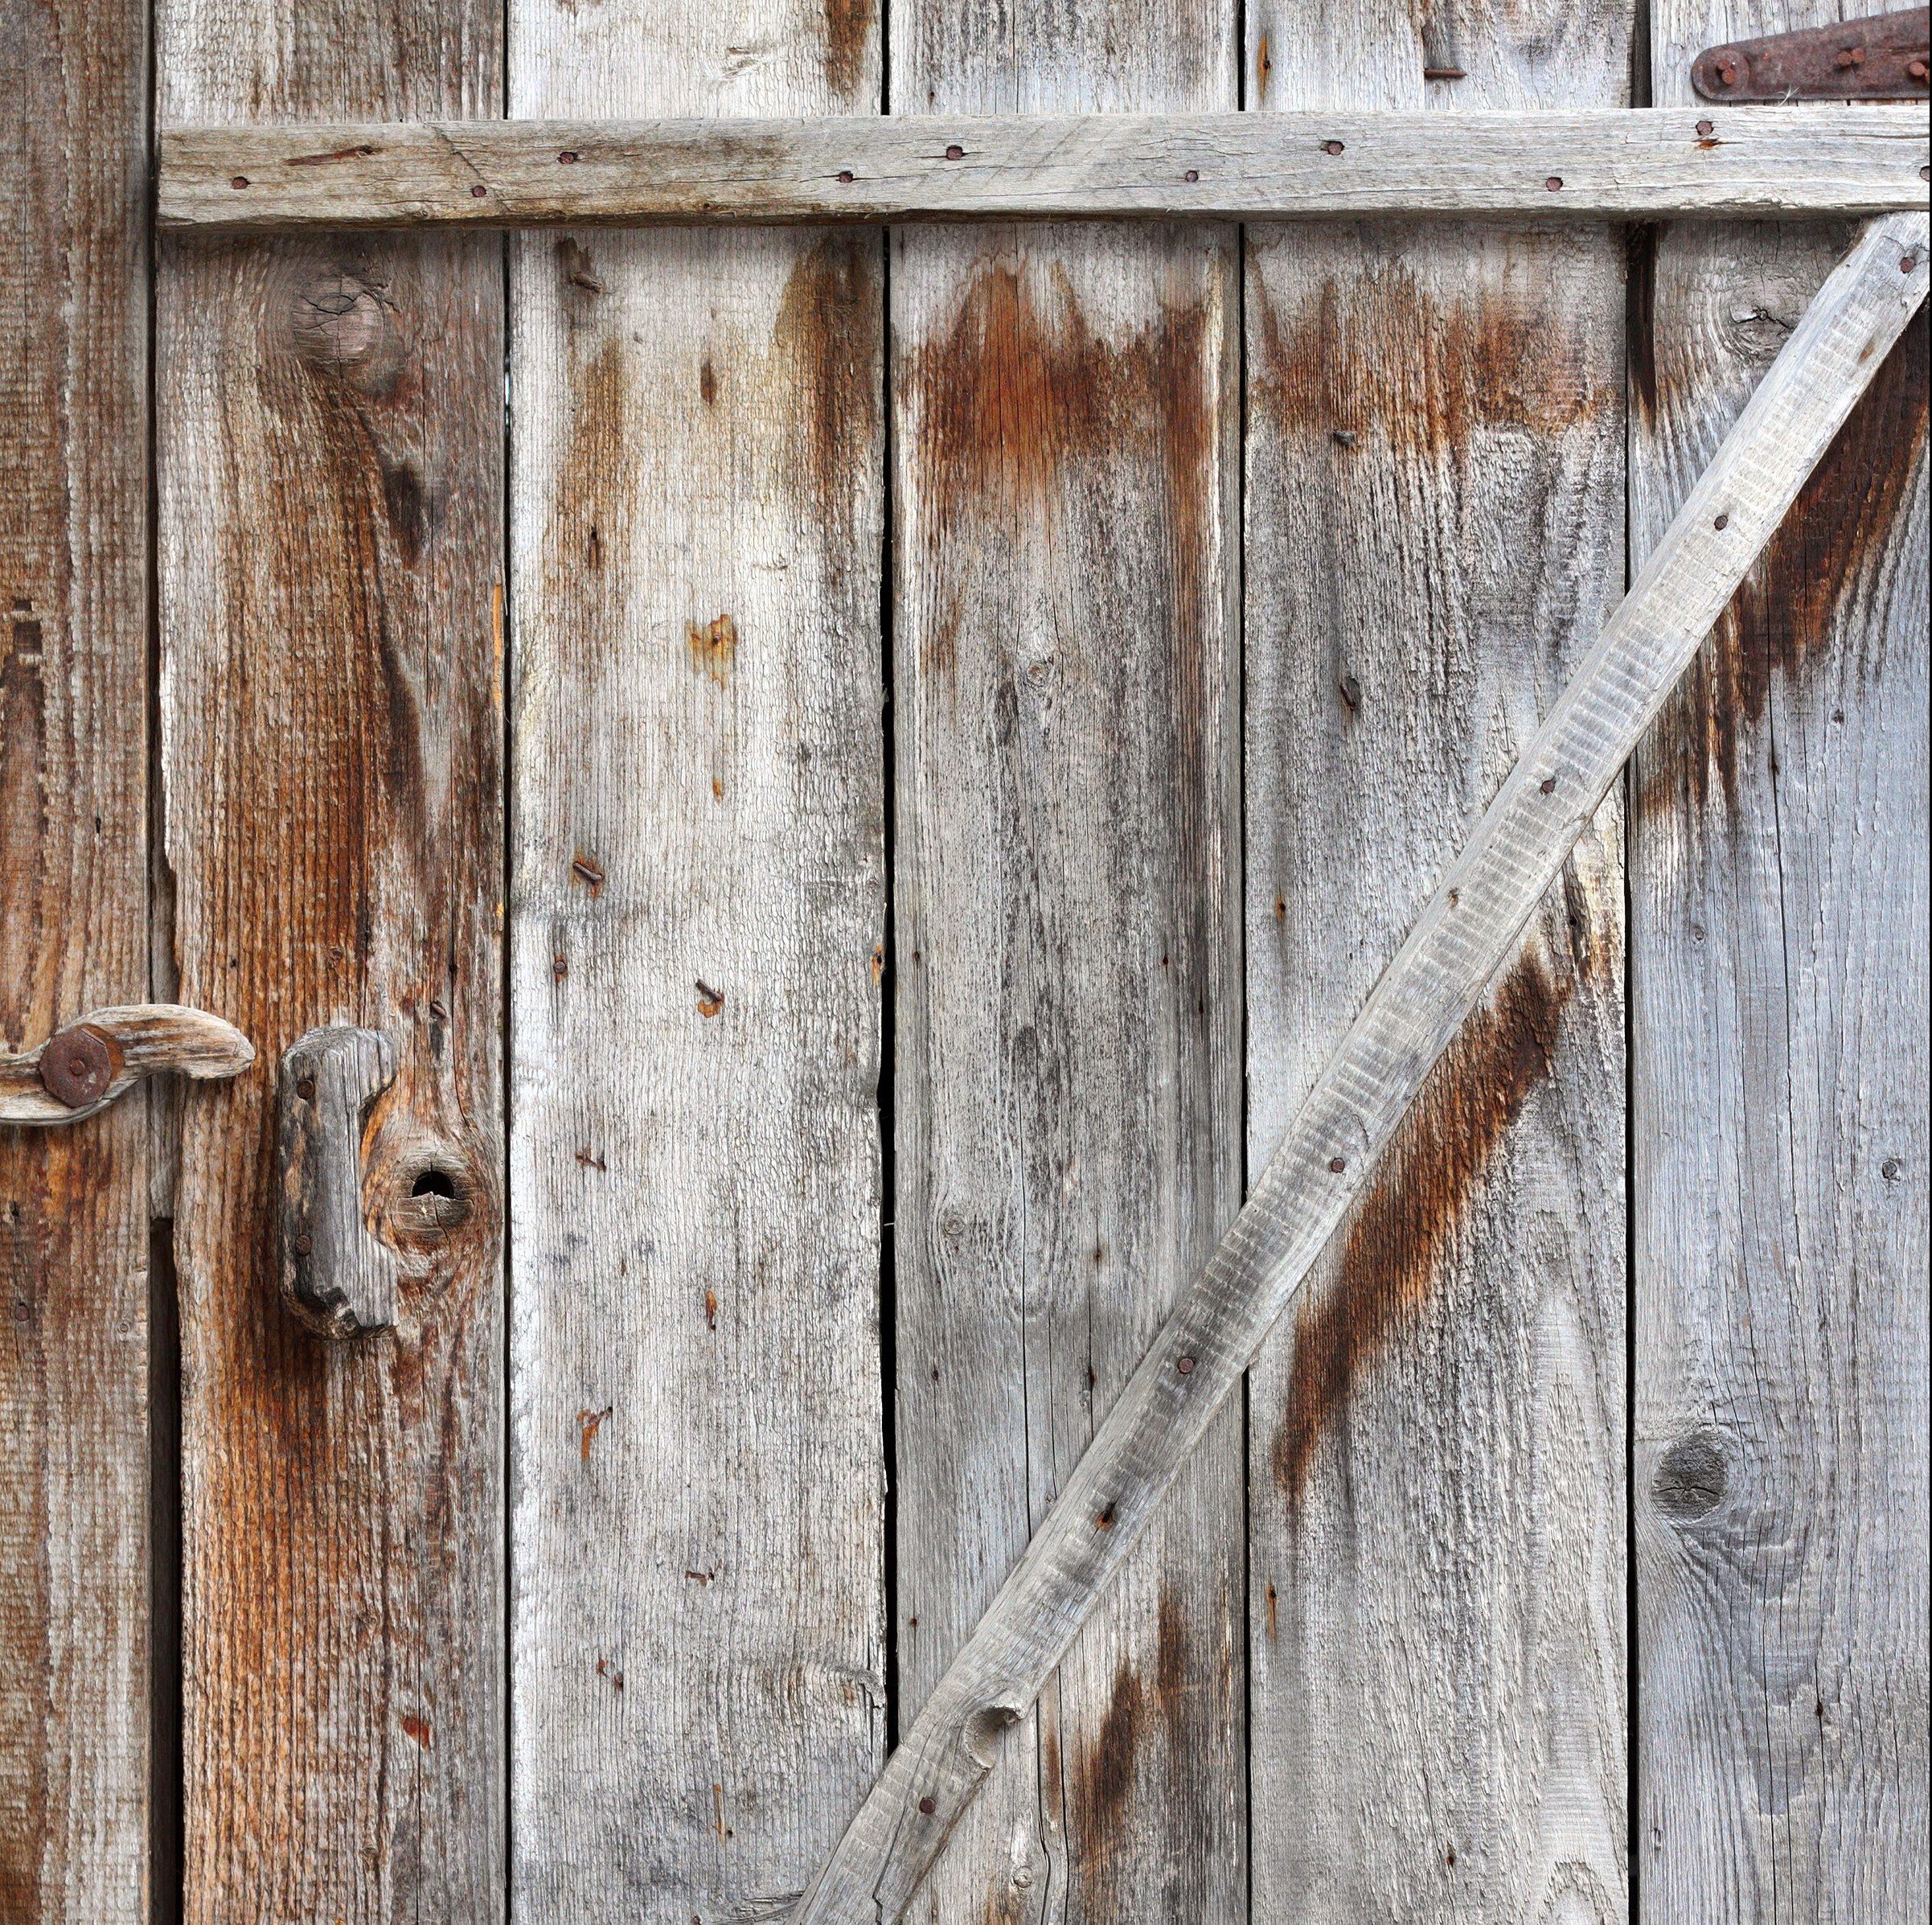 How To Install An Interior Sliding Barn Door Restoration By Lb